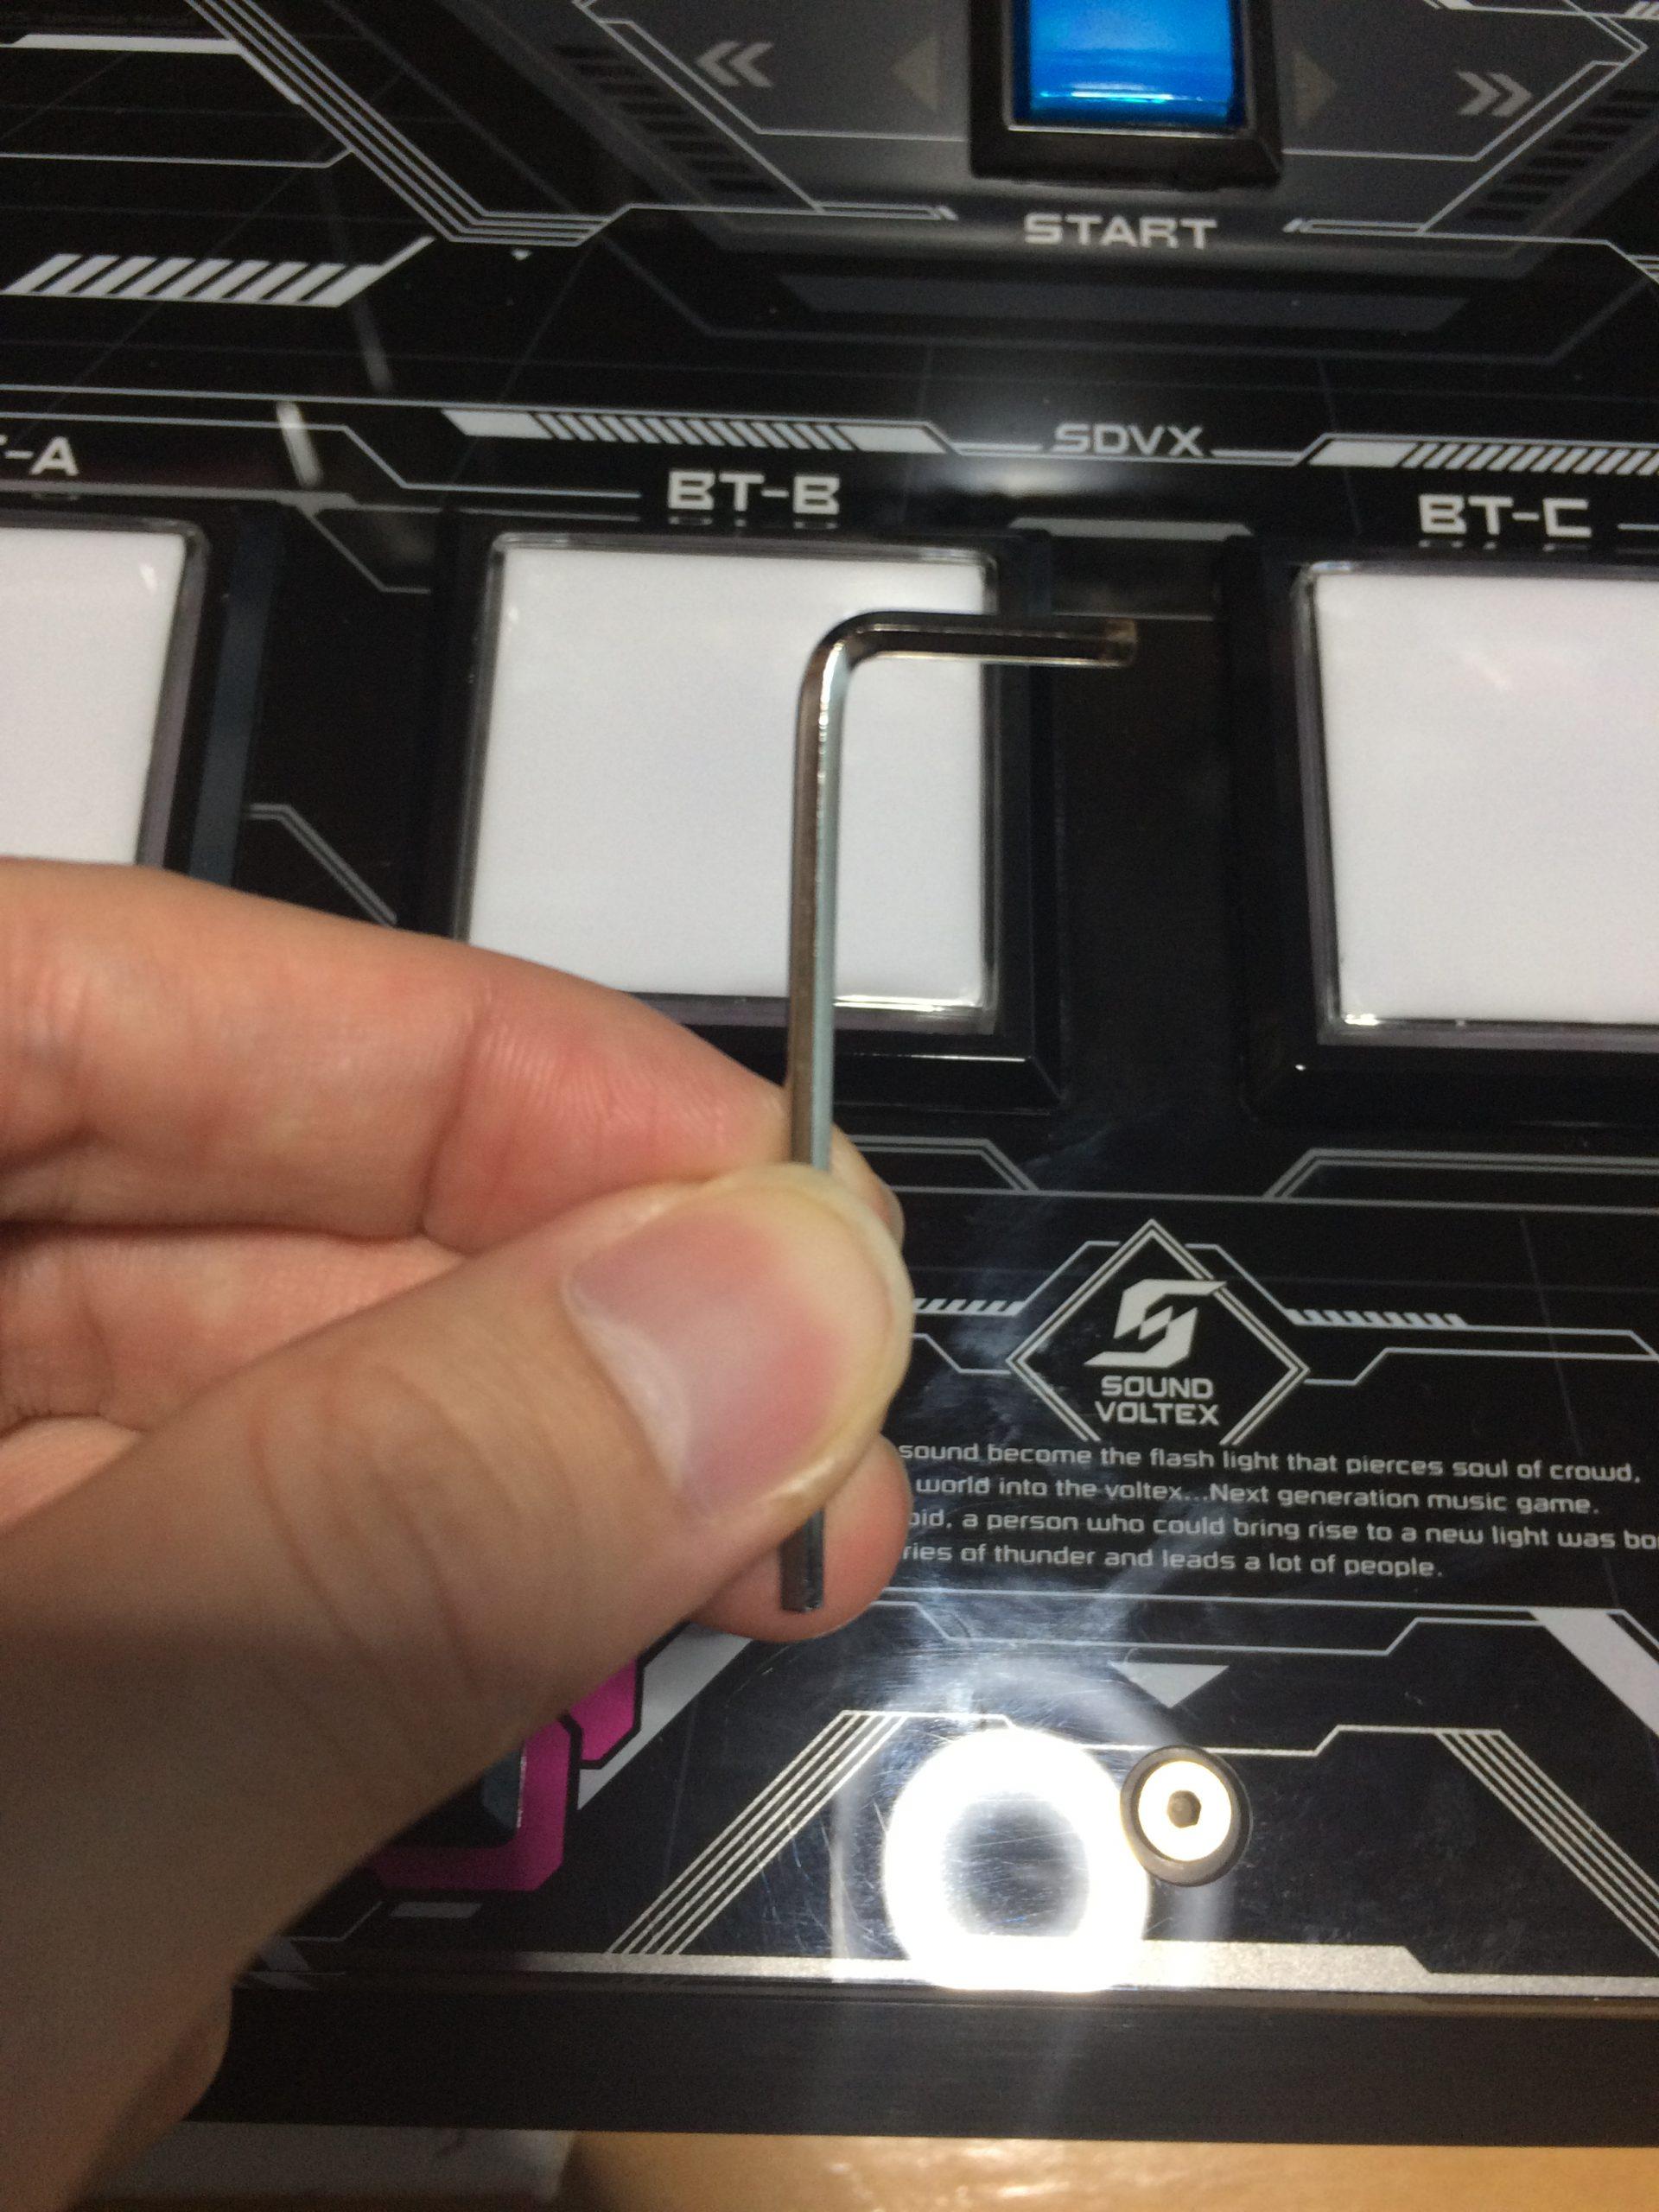 コントローラー ボルテ 公式ボルテコントローラでkshootmaniaを遊ぶ